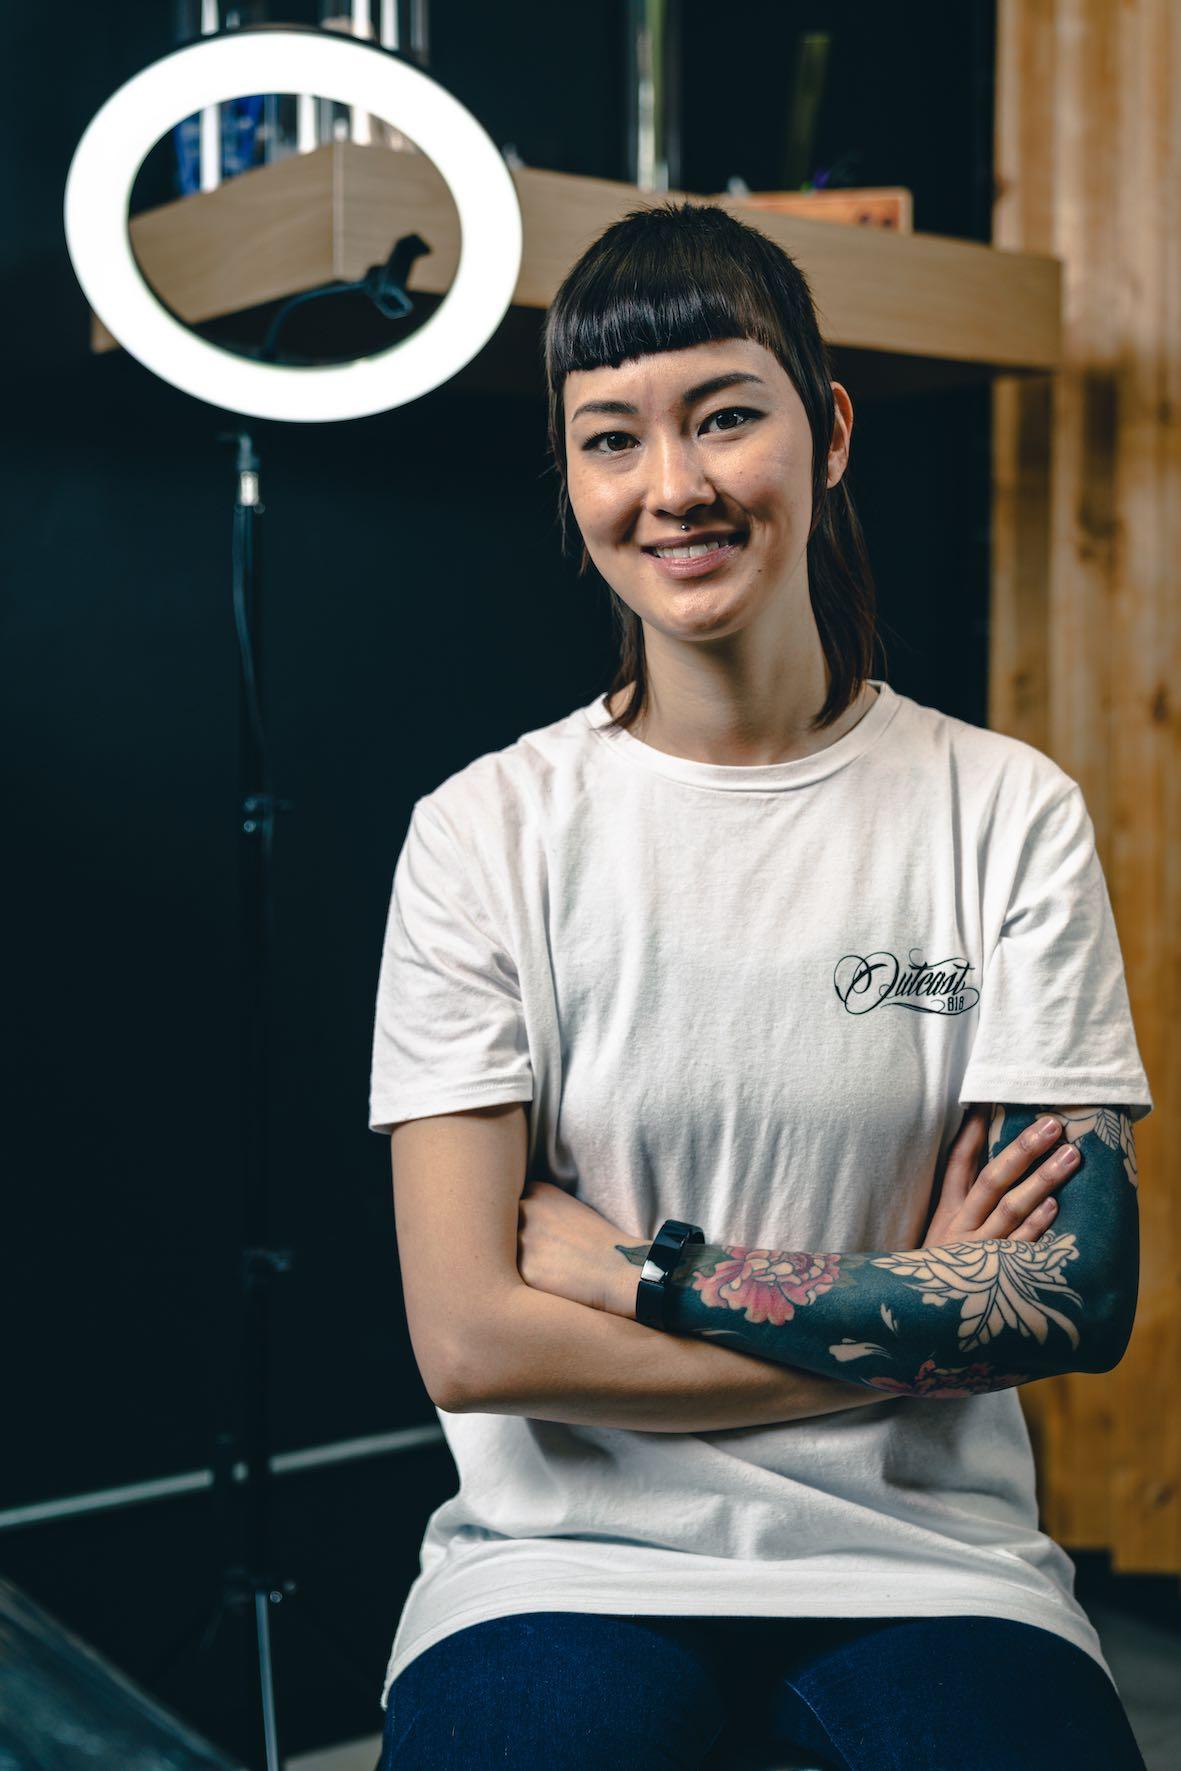 Meet Romi Ding as our featured Tattoo Artist